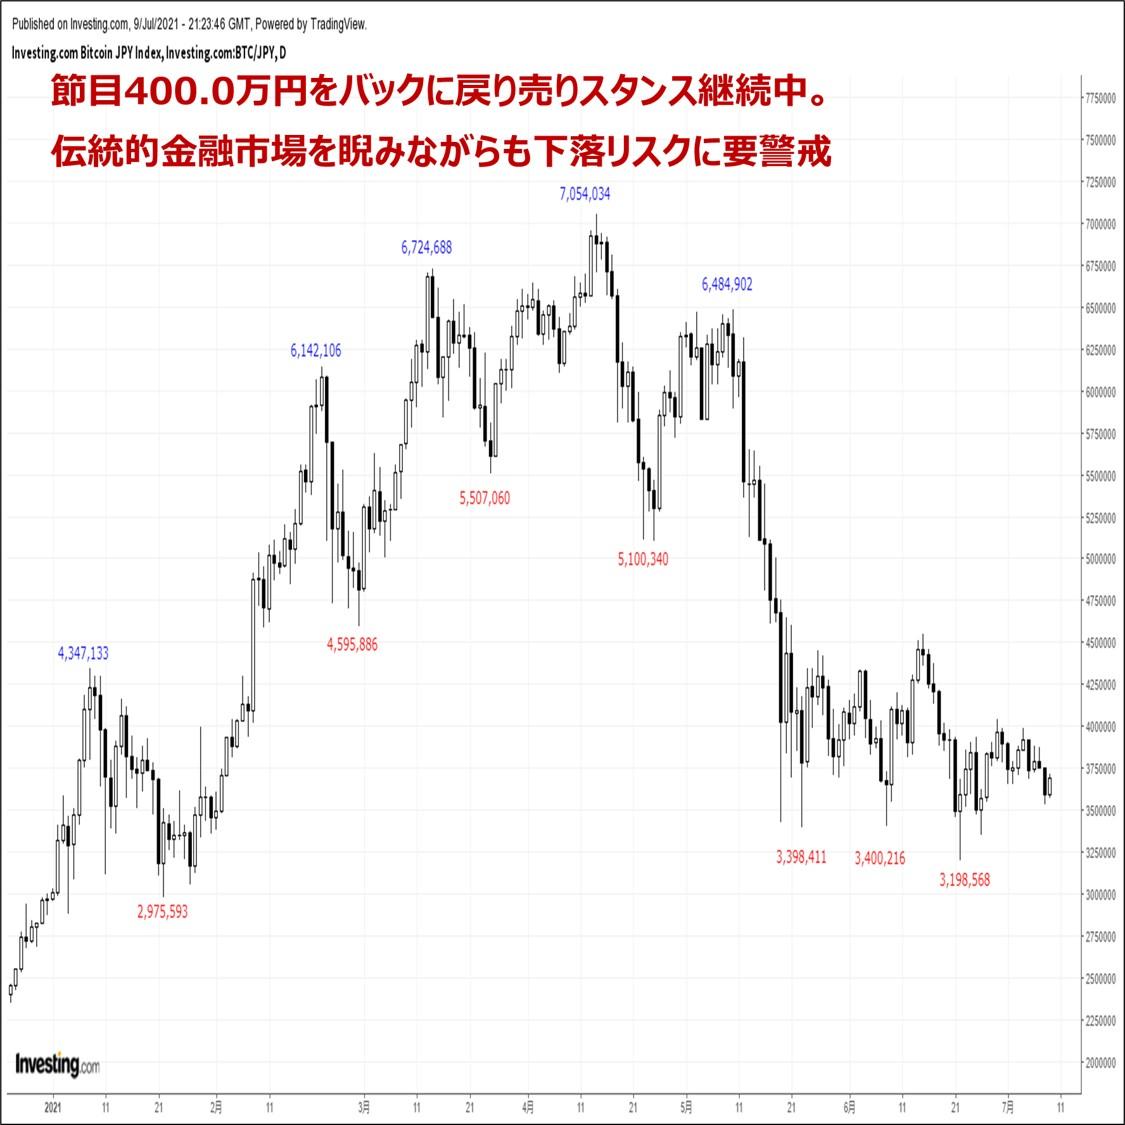 ビットコインの価格分析:『軟調推移が継続中。来週はボラティリティの拡大に要警戒』(7/10)